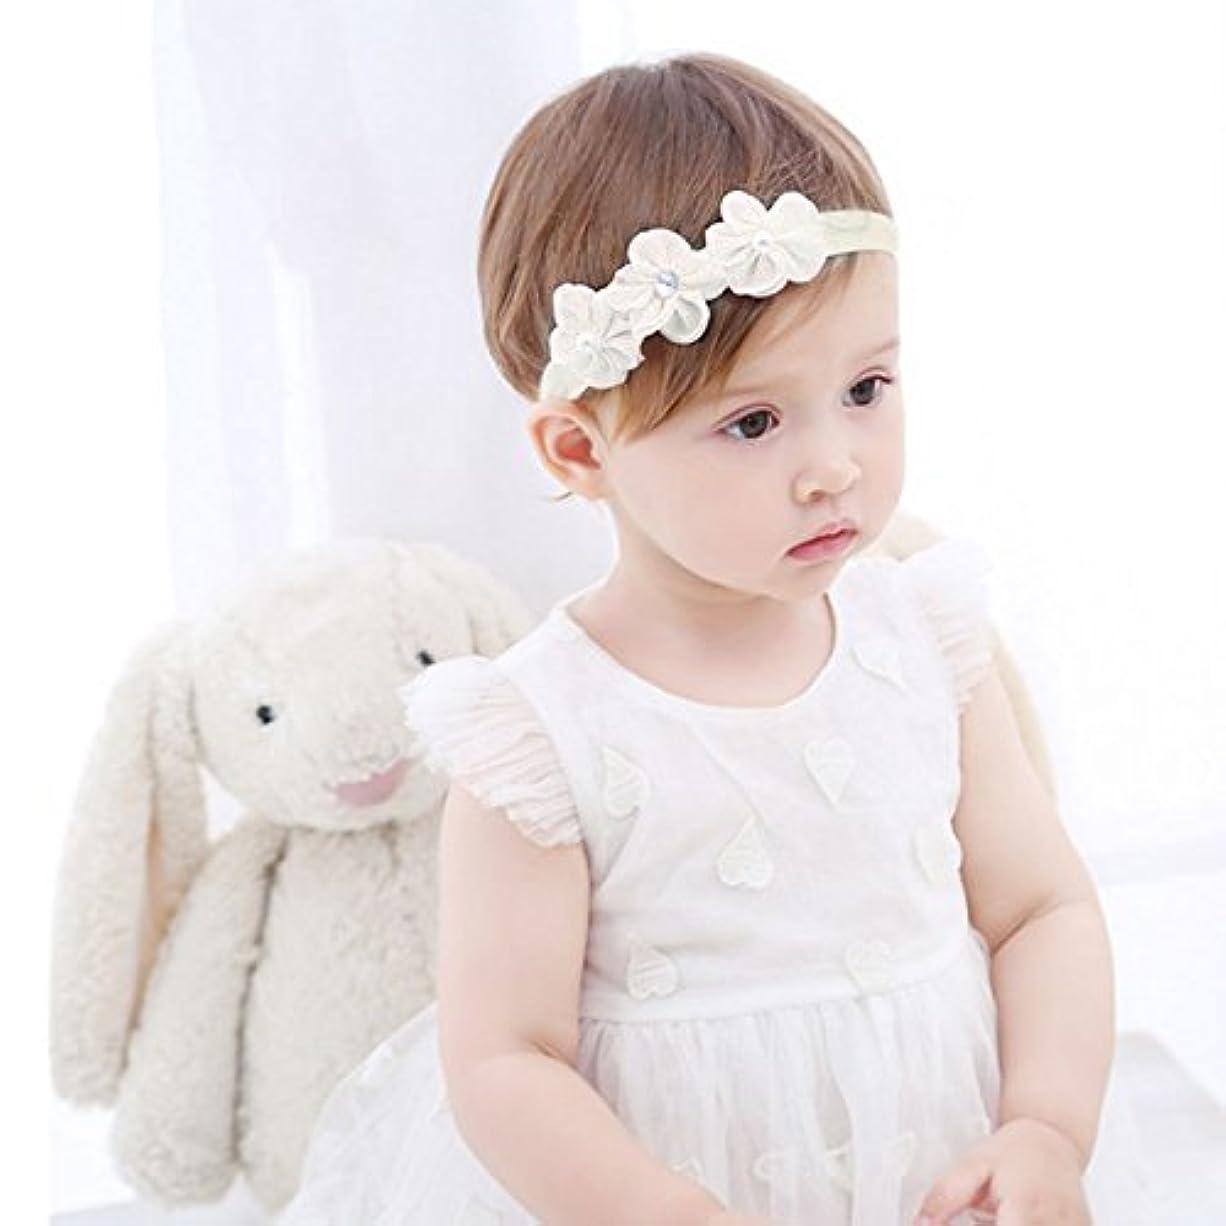 絶対の脅迫オズワルドRefaxi 子供の赤ちゃんかわいい幼児のレースの花のヘアバンドヘッドウェアヘッドバンドアクセサリー